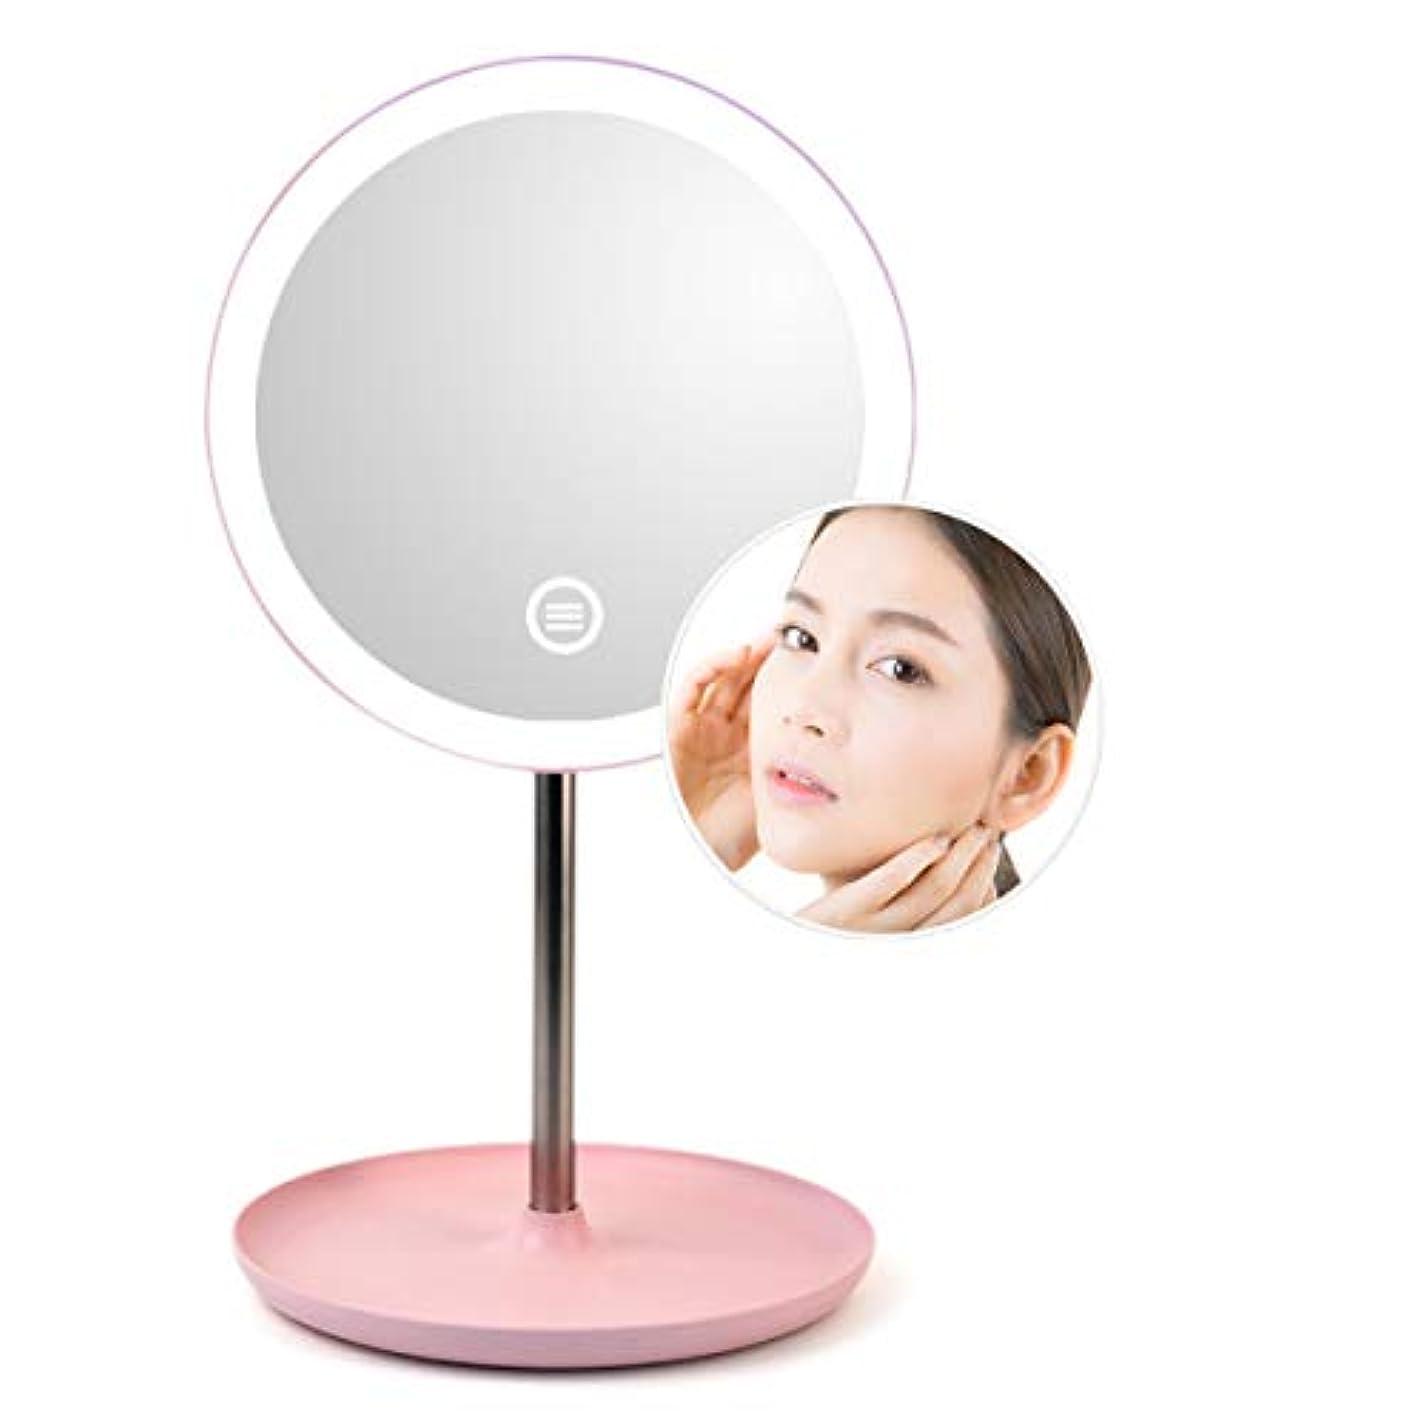 大事にするクラック礼儀化粧鏡 卓上 LED付き usb充電式化粧ミラー 360度回転 タッチセンサー 明るさ調節可能 無段階調光 10倍 拡大鏡